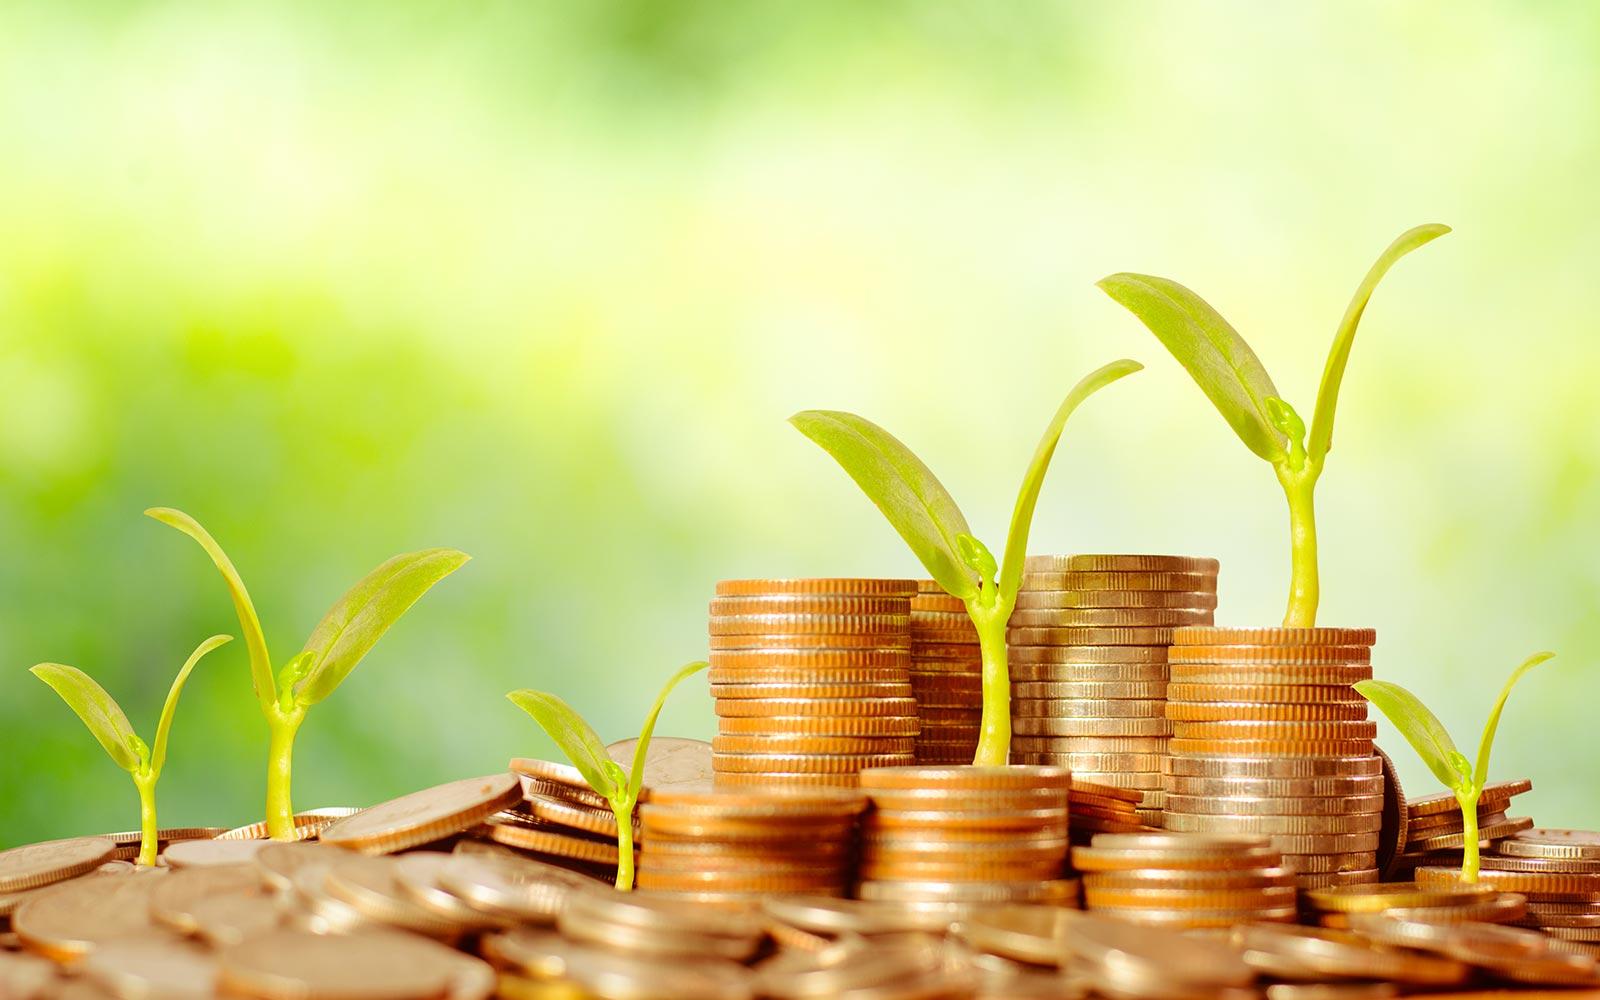 Доля вкладов населения в депозитной базе банков Казахстана выросла до 50%